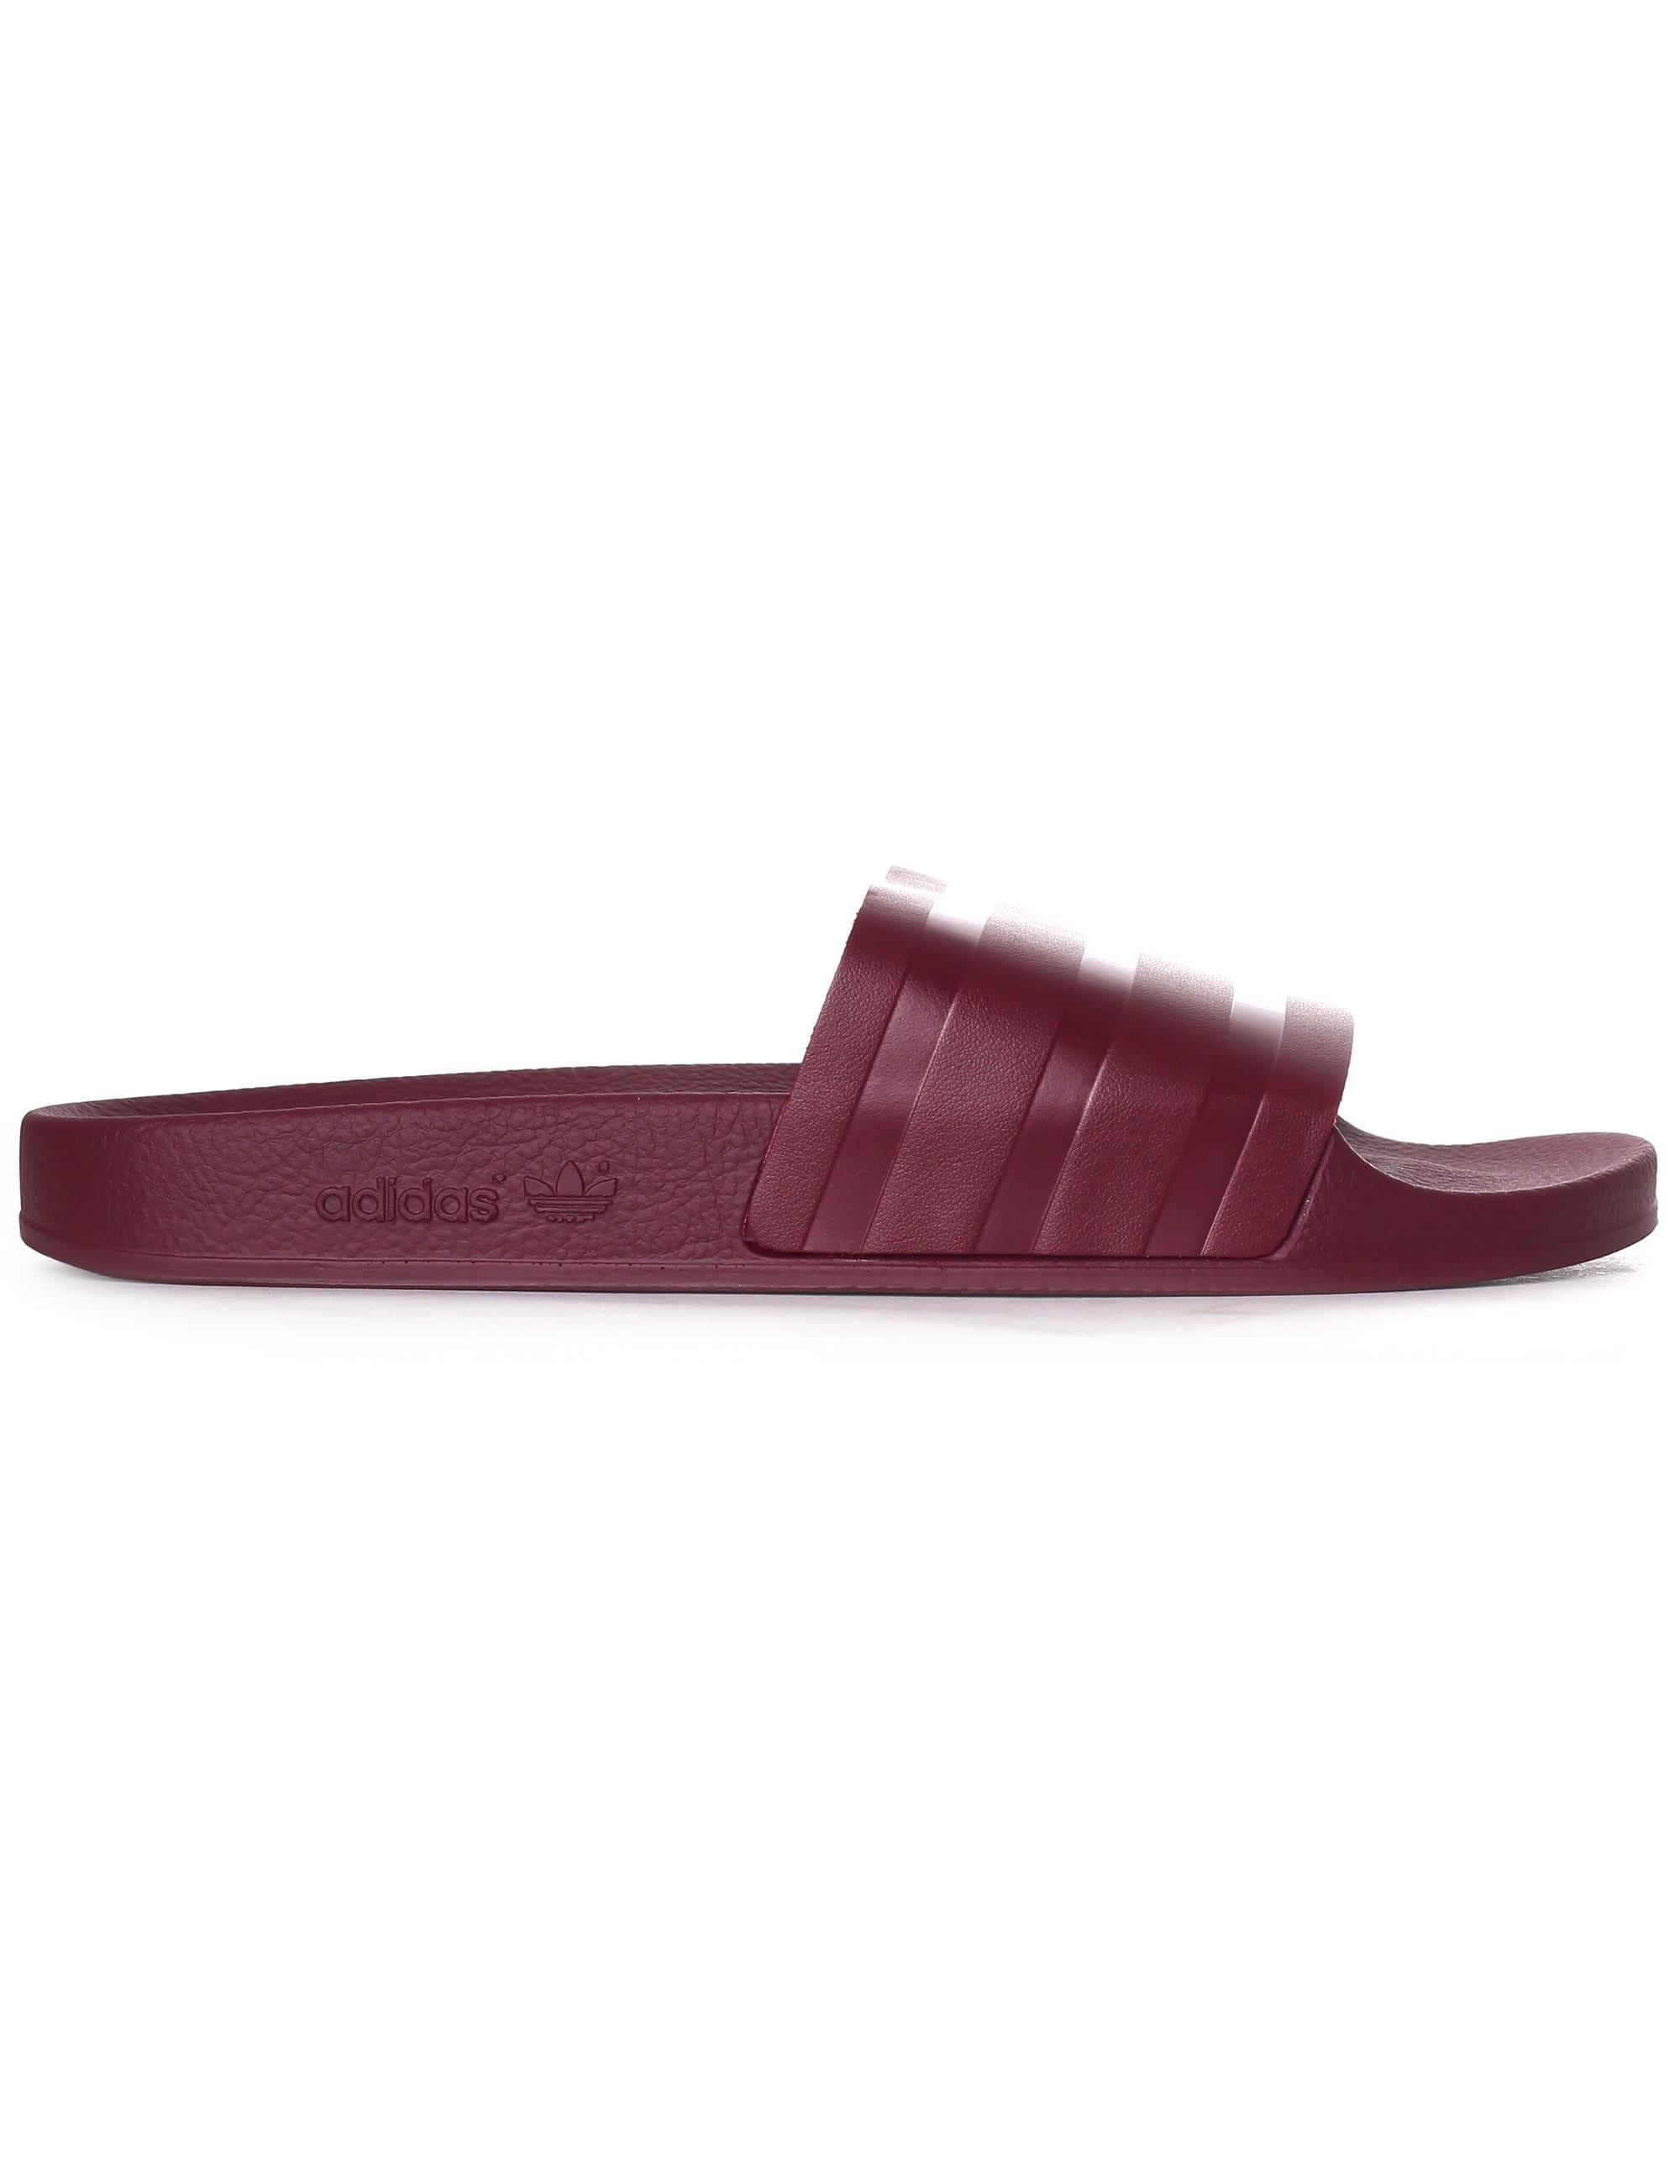 c512b13d7 Adidas - Purple Men s Adilette Slides Collegiate Burgundy for Men - Lyst.  View fullscreen